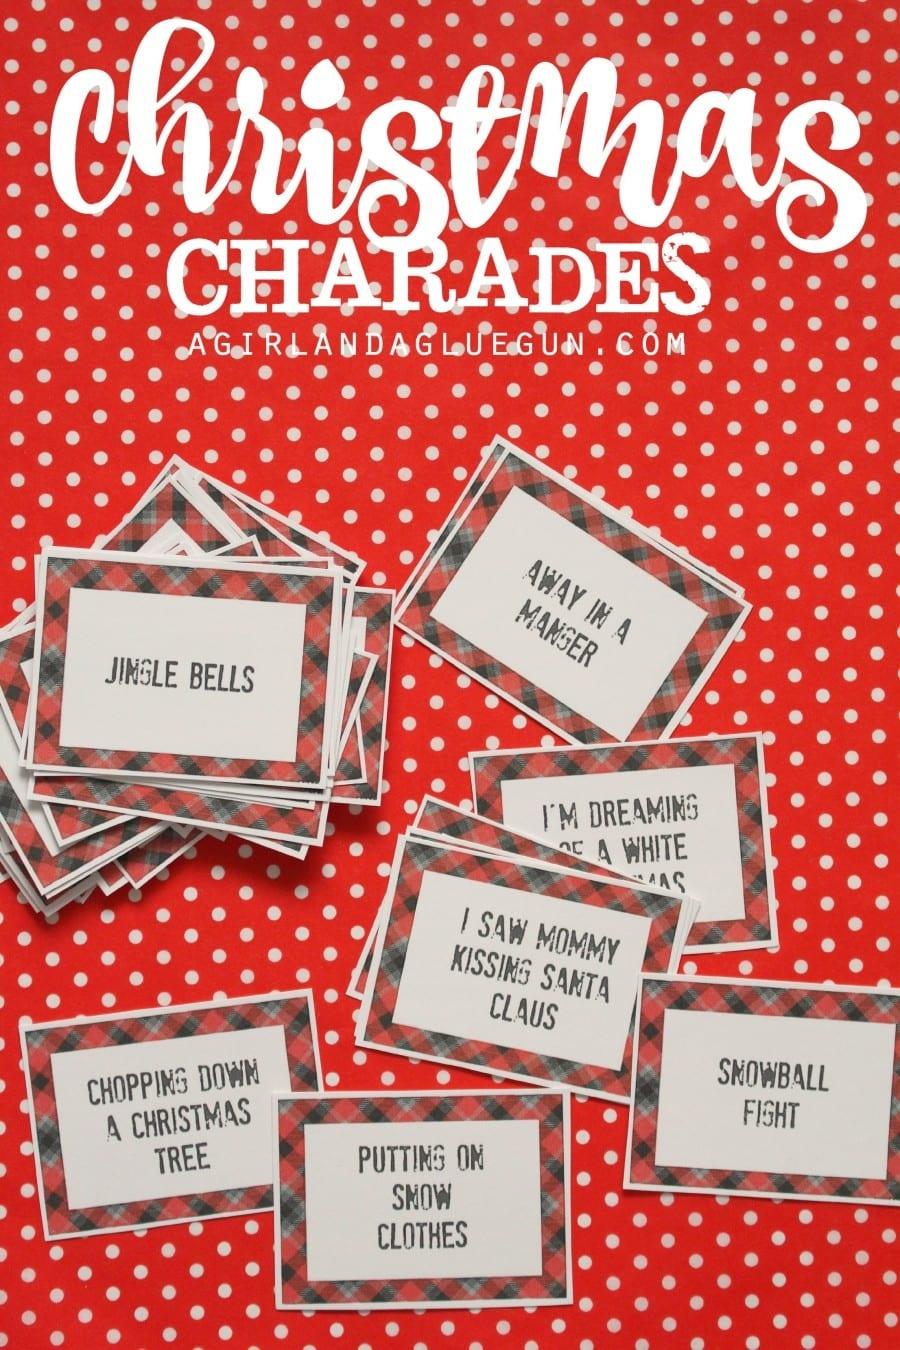 Christmas Charades Game And Free Printable Roundup! - A Girl And A - Free Printable Christmas Games For Family Gatherings